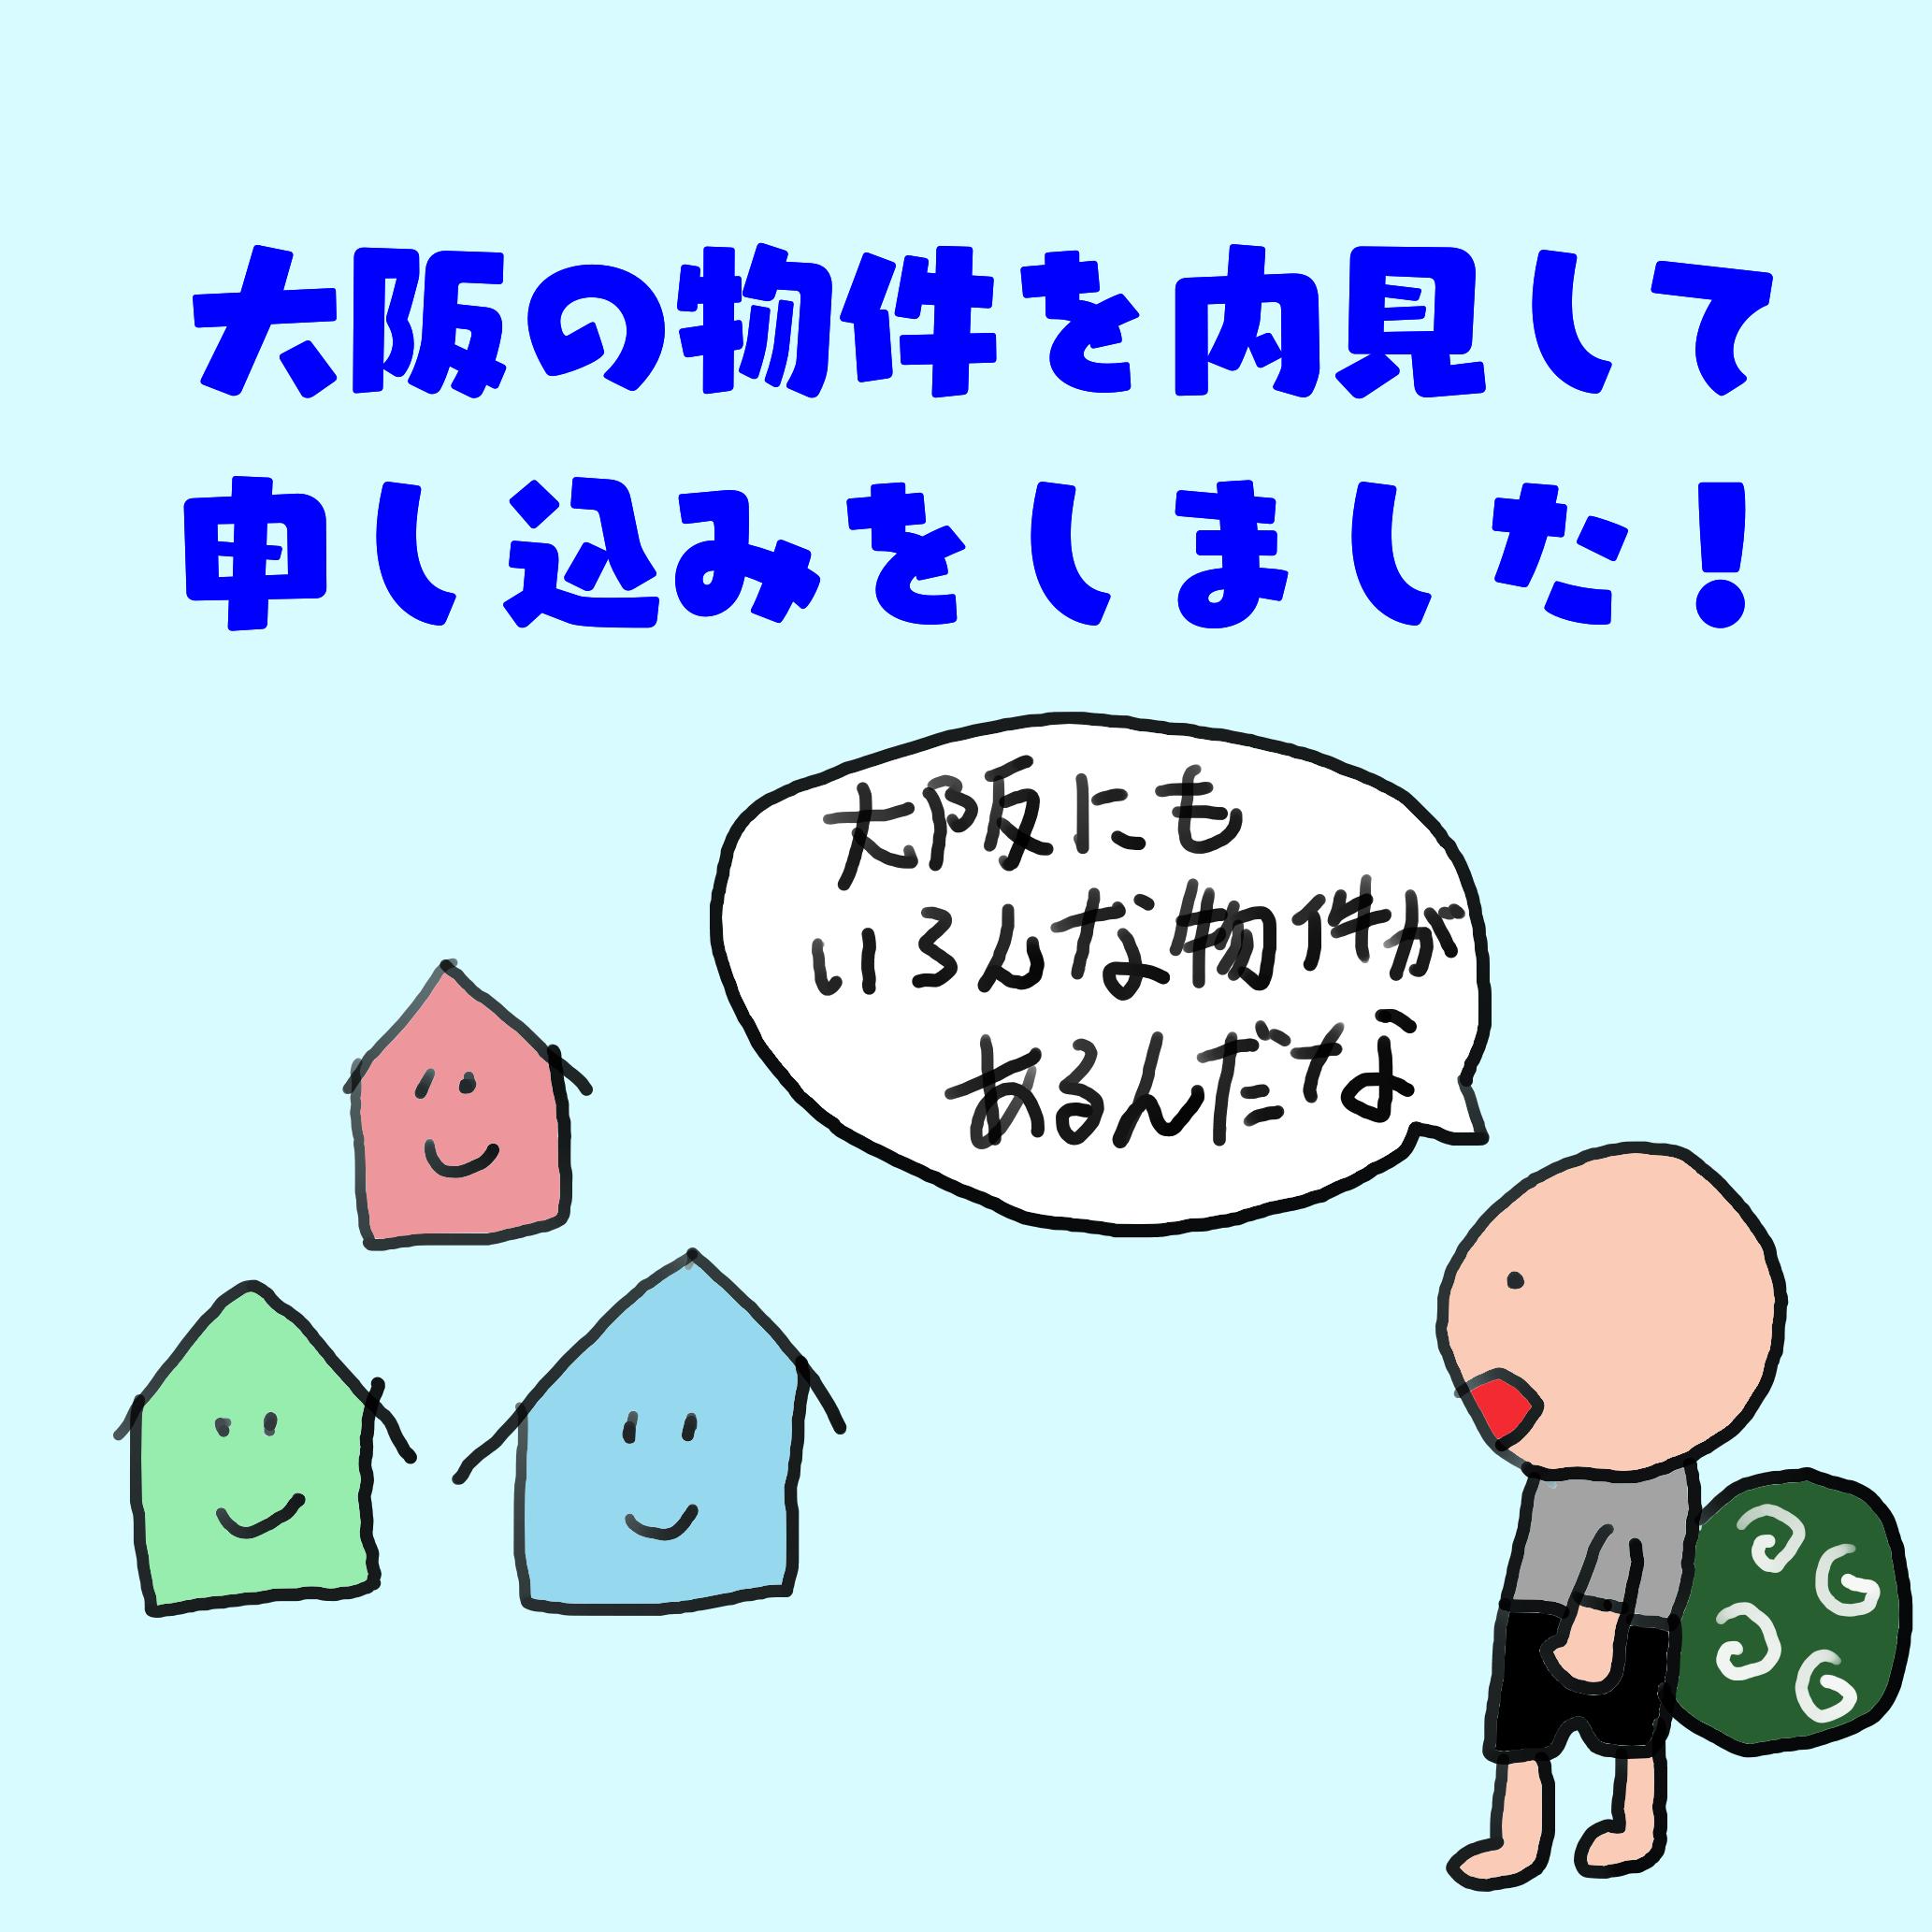 大阪の物件を内見して申し込みをしました